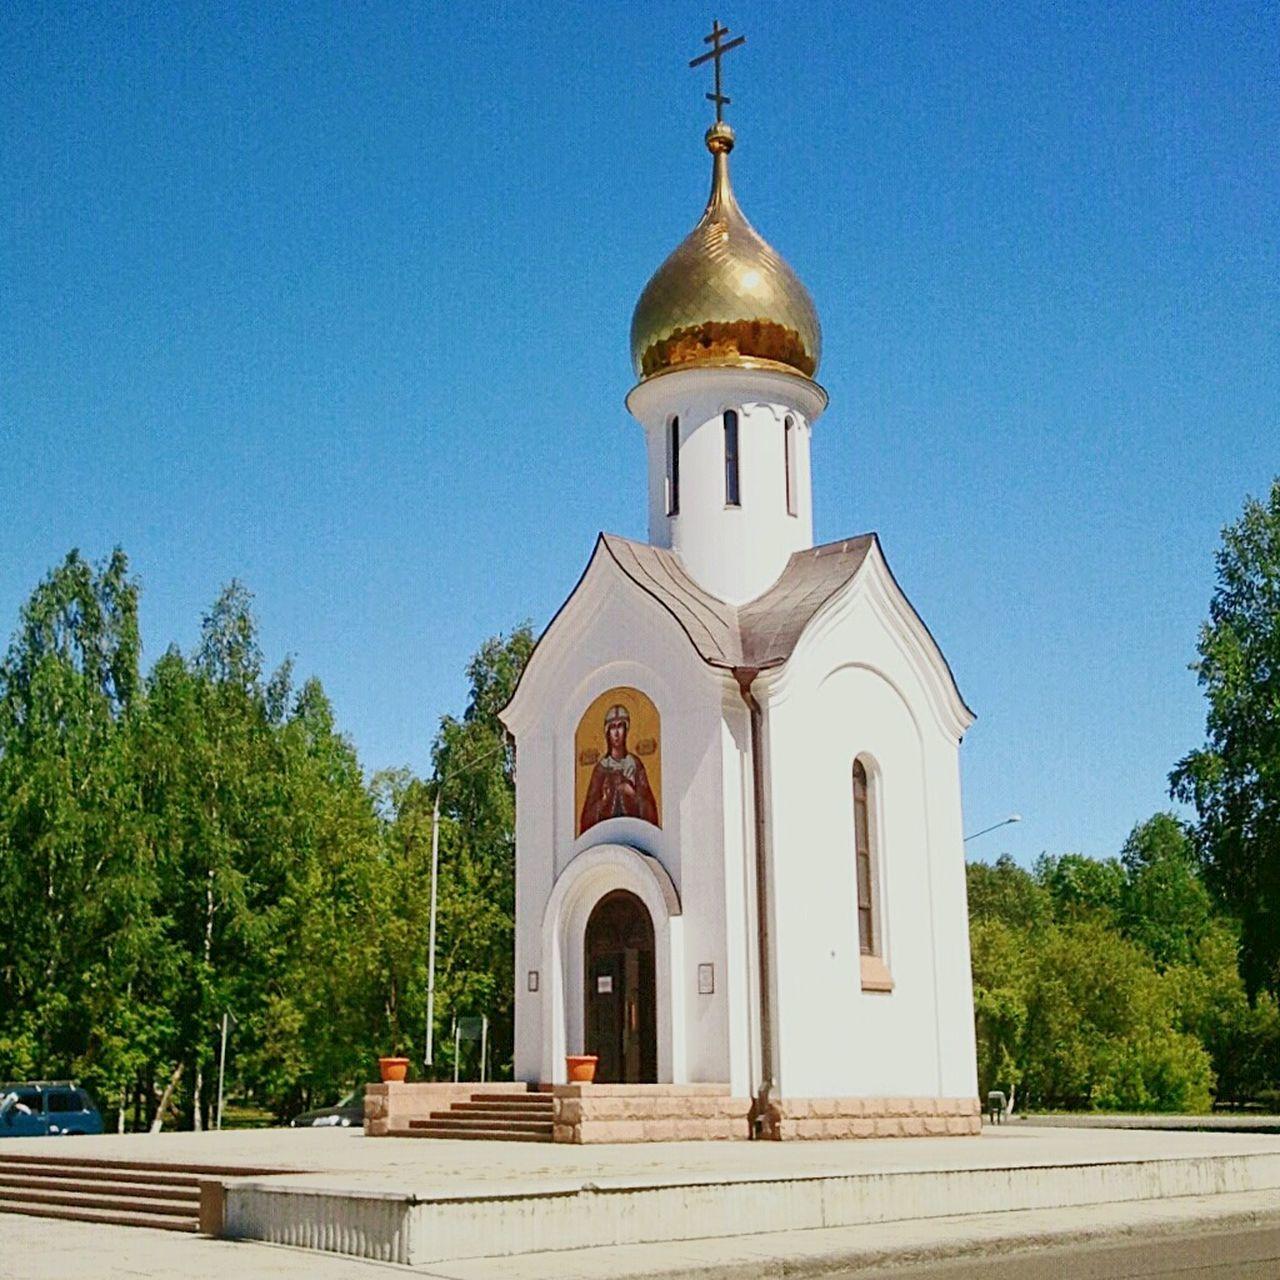 Mejdurechensk Russia Summer Hram Road